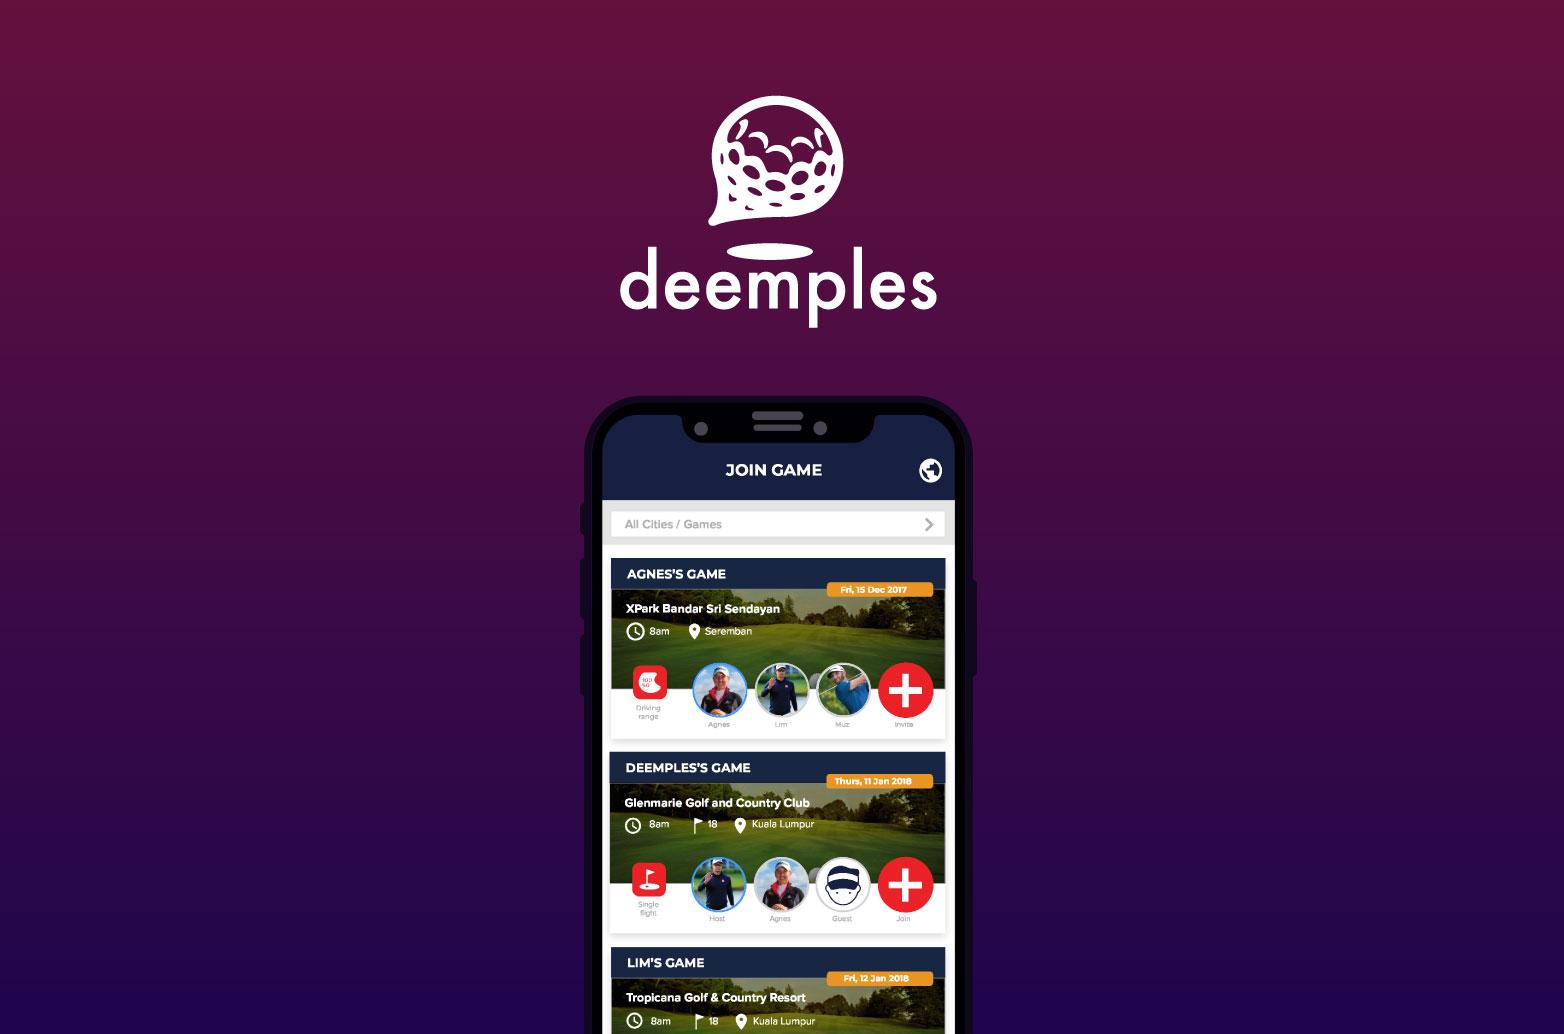 Deemples App and Branding